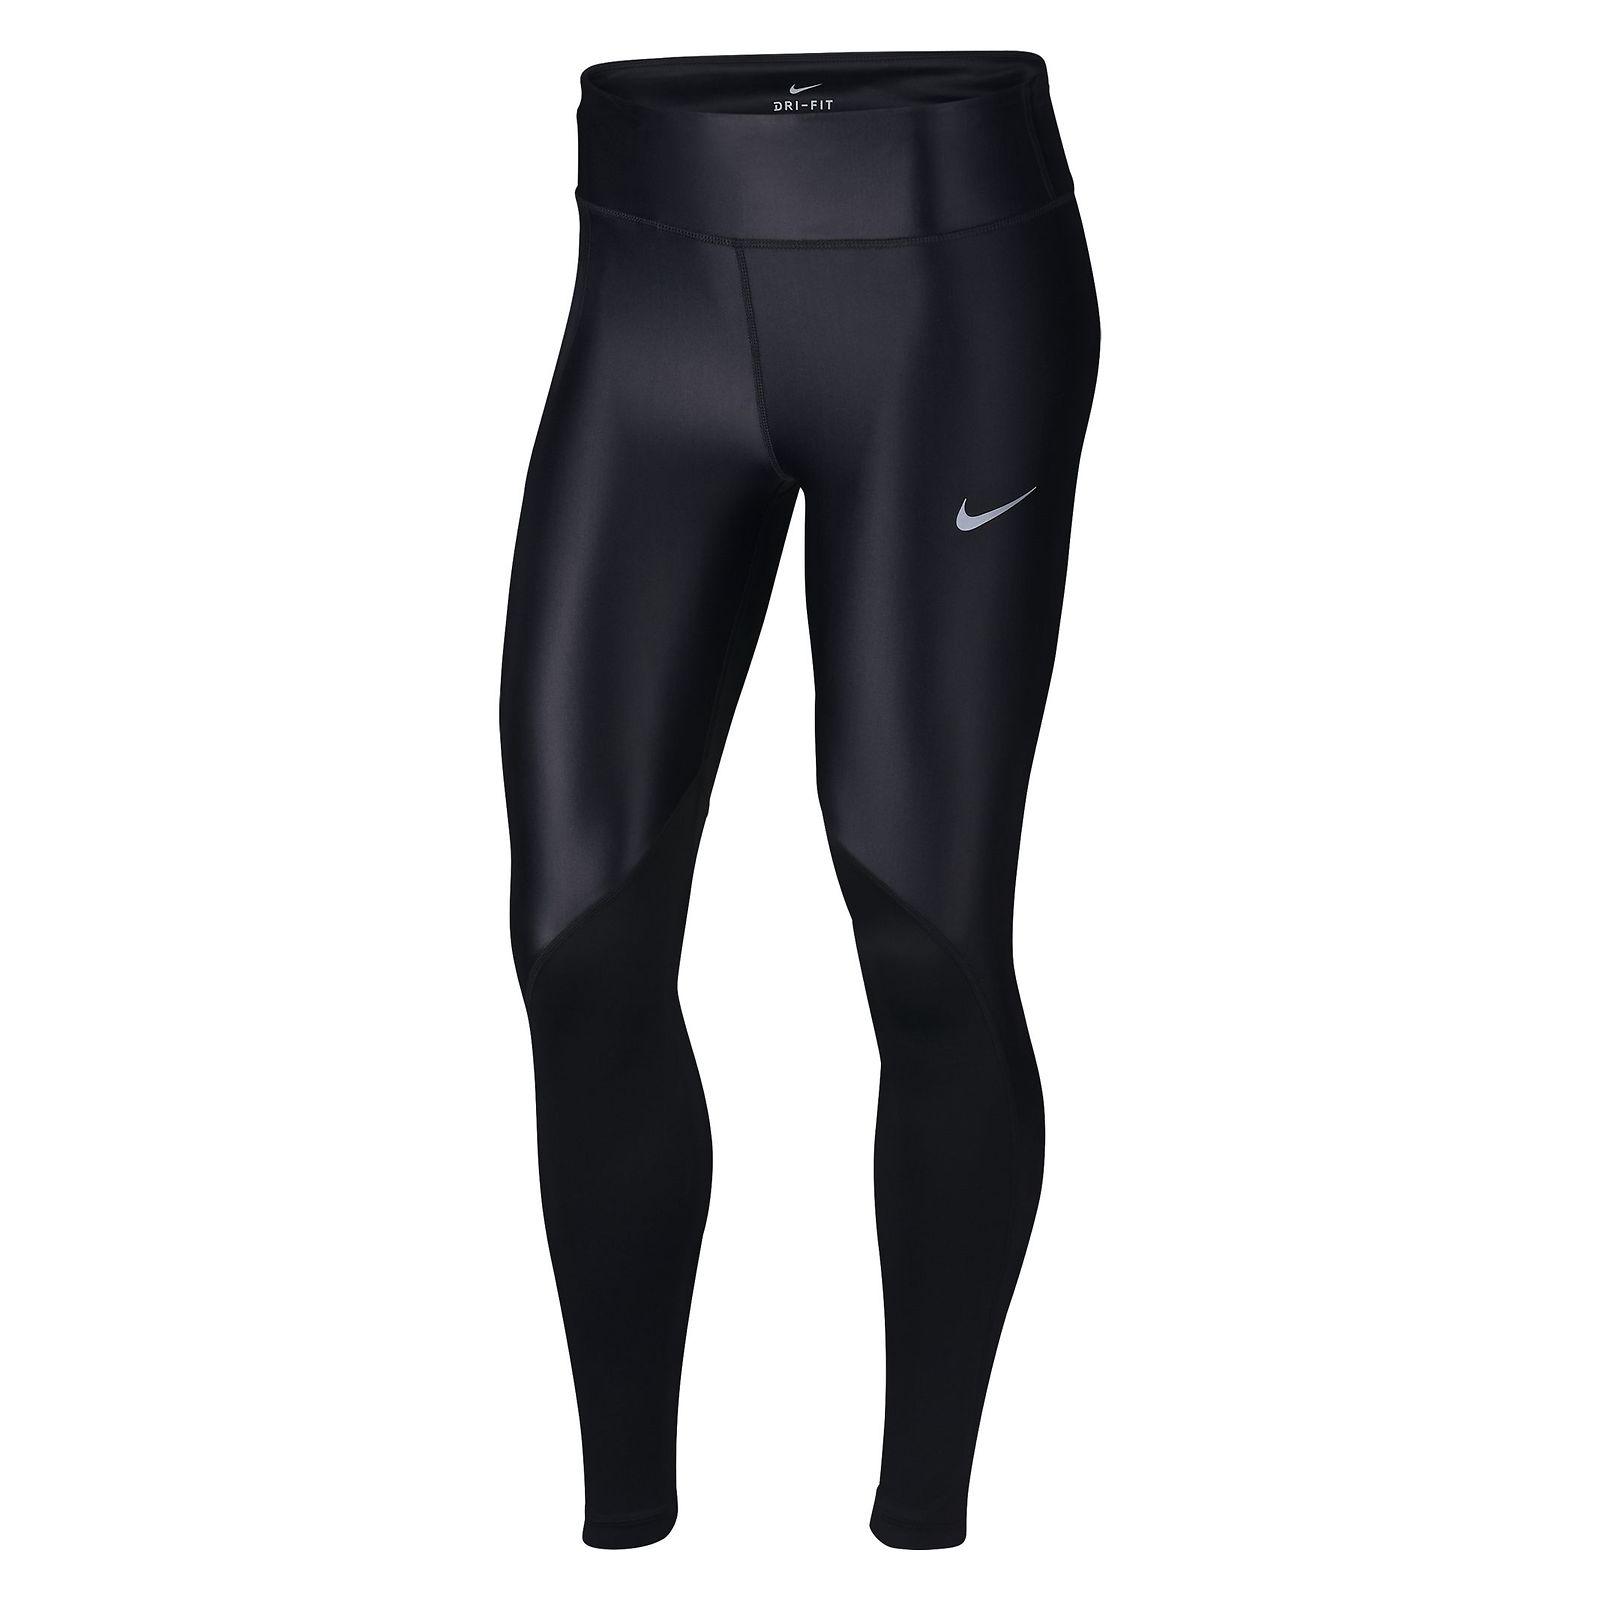 Spodnie Nike Fast Tight W AT3103